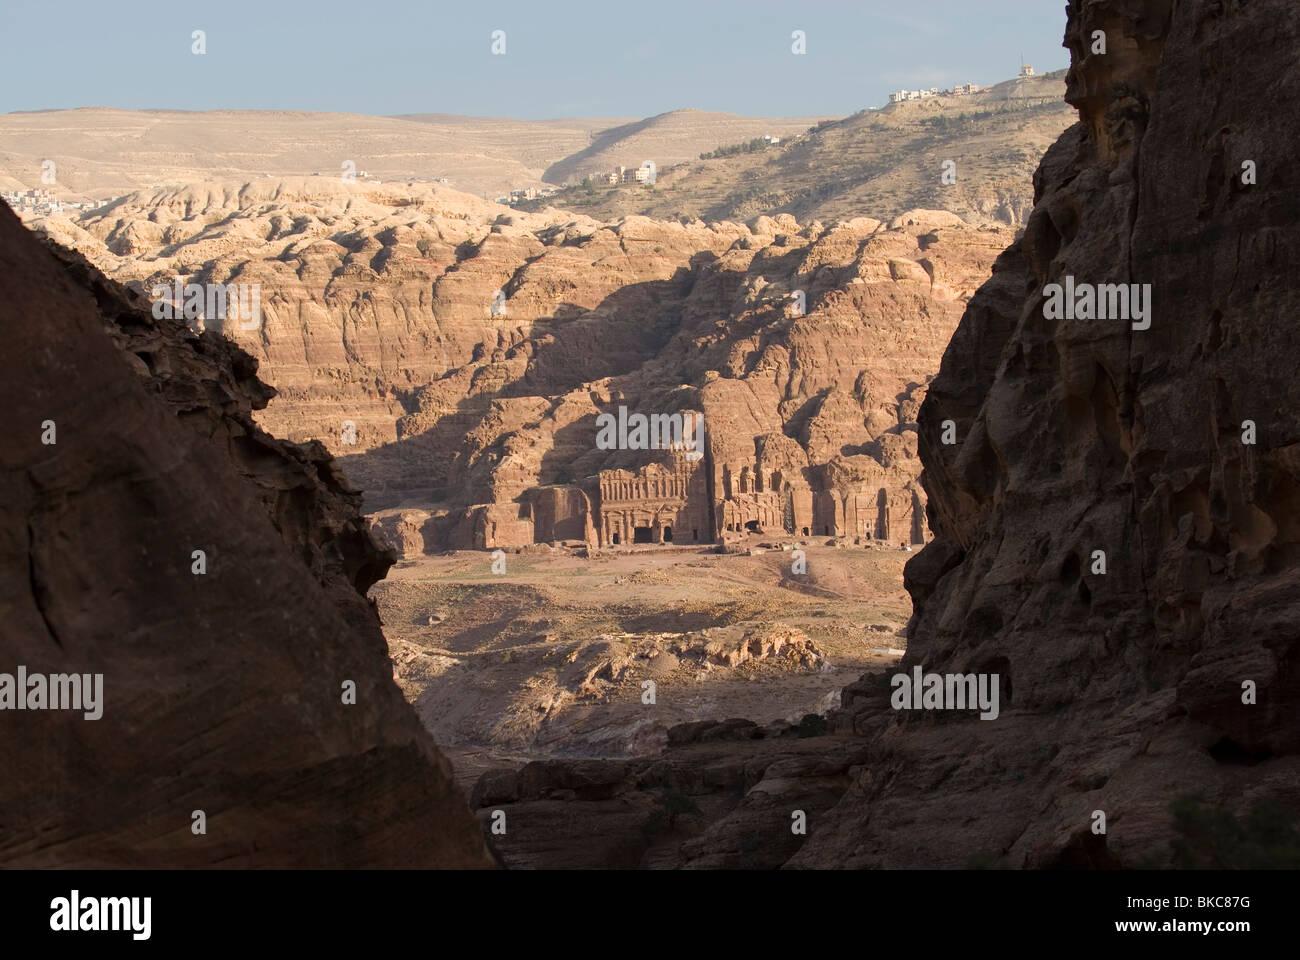 Vista  between rocks on the Royal Tombs in Petra. Jordan Stock Photo